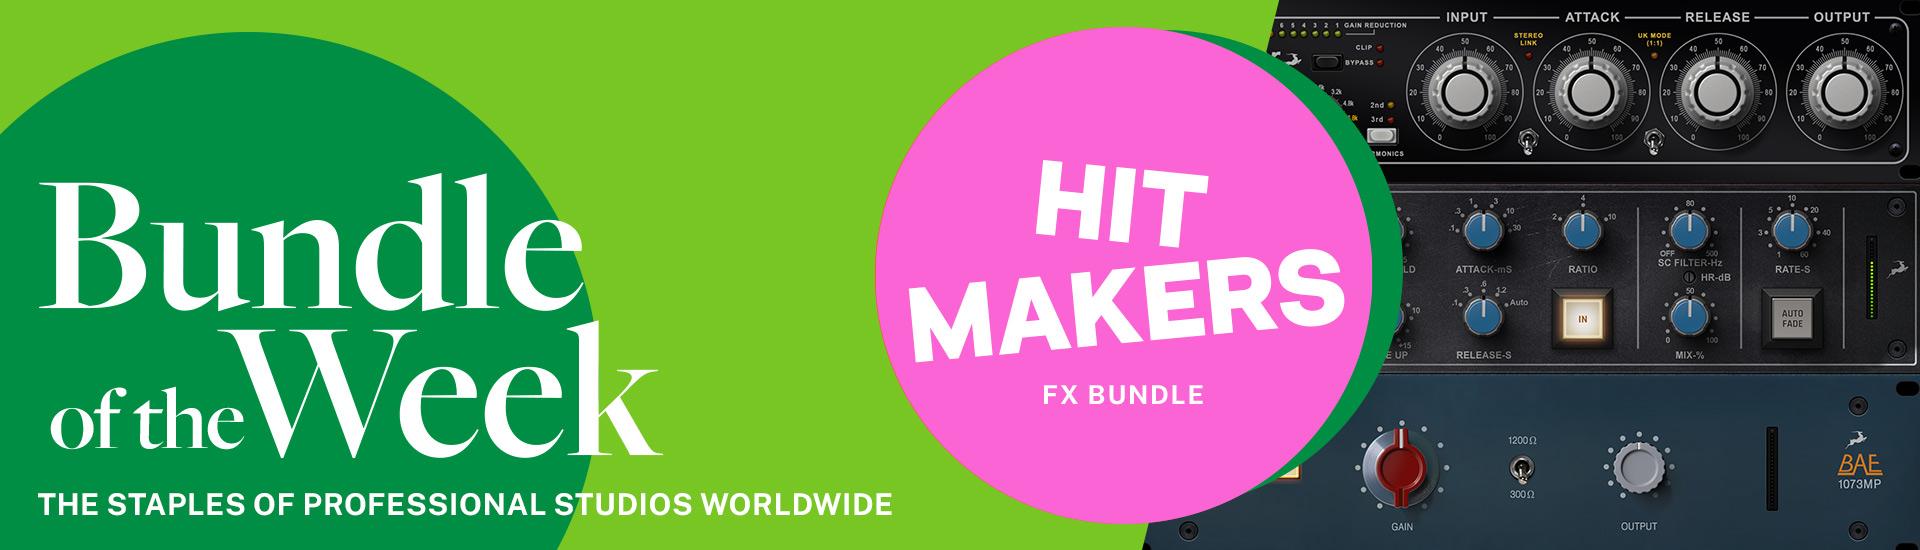 FX Bundles Header HM